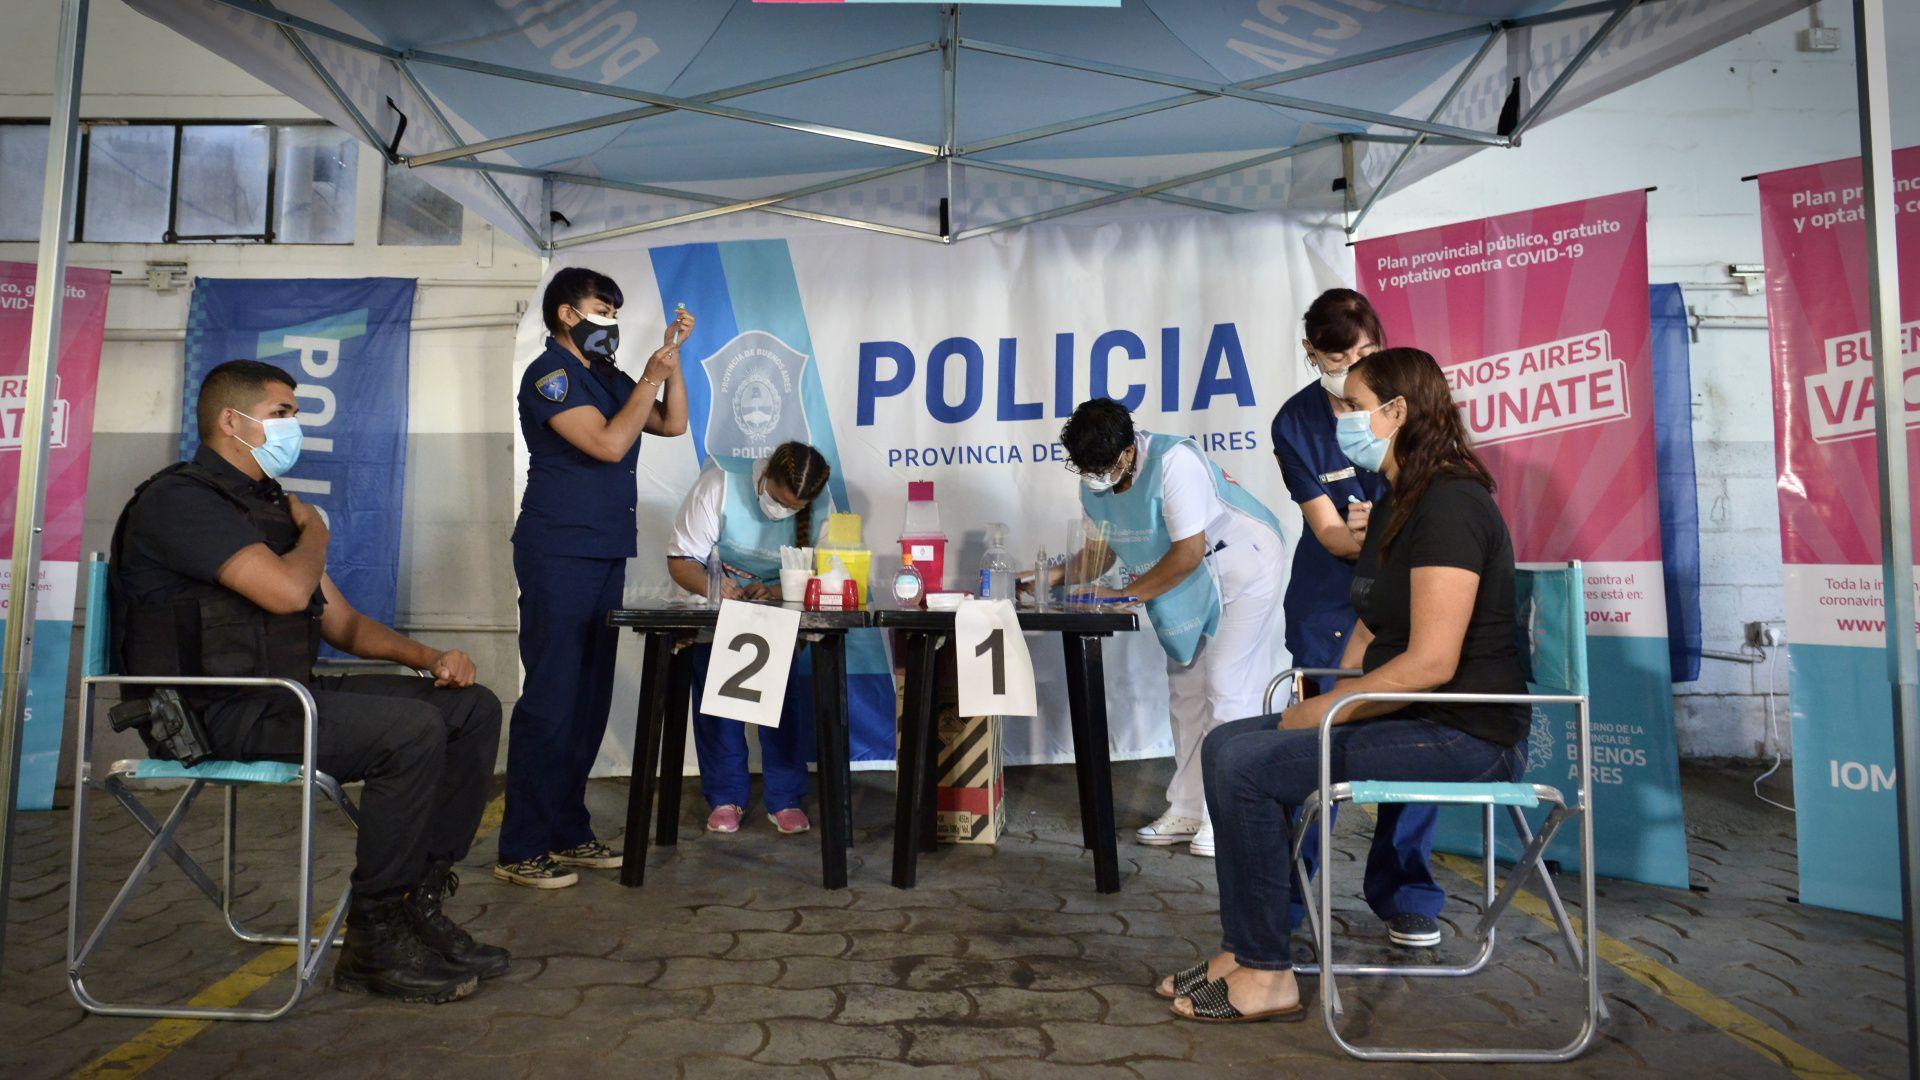 Vacunación policía Provincia Bs As en centro de operaciones estratégicas -Ricchieri y Bufano